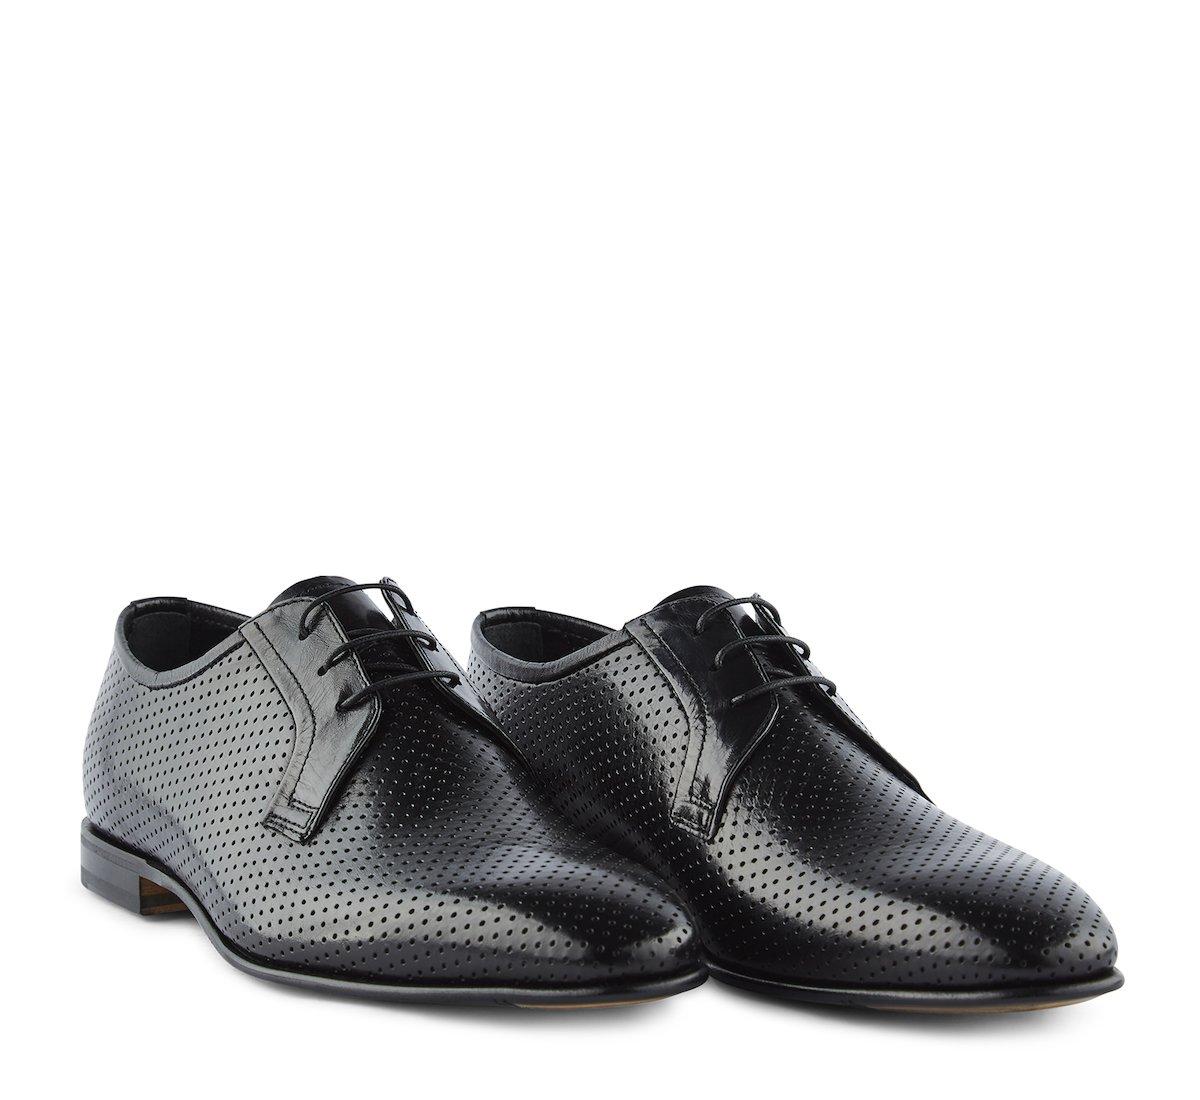 Туфли на шнуровке Fabi classic из телячьей кожи